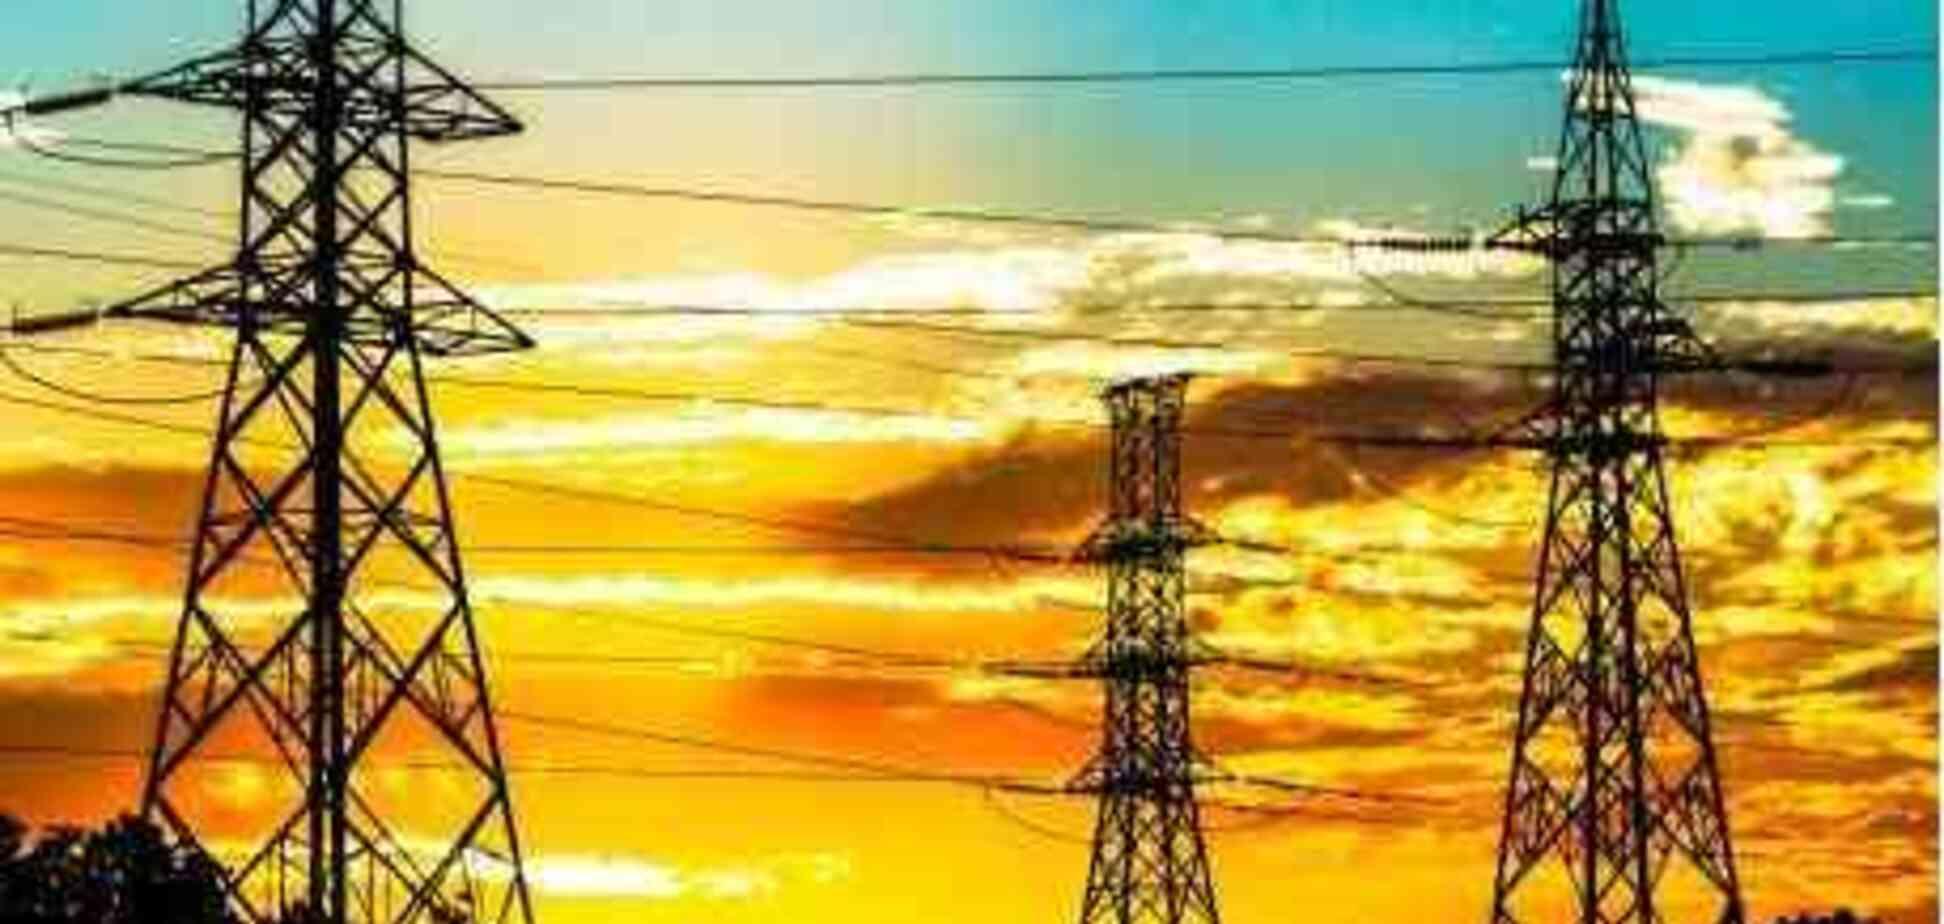 Оператори системи передач ДТЕК Мережі ліквідували 21 тис. аварій за час карантину